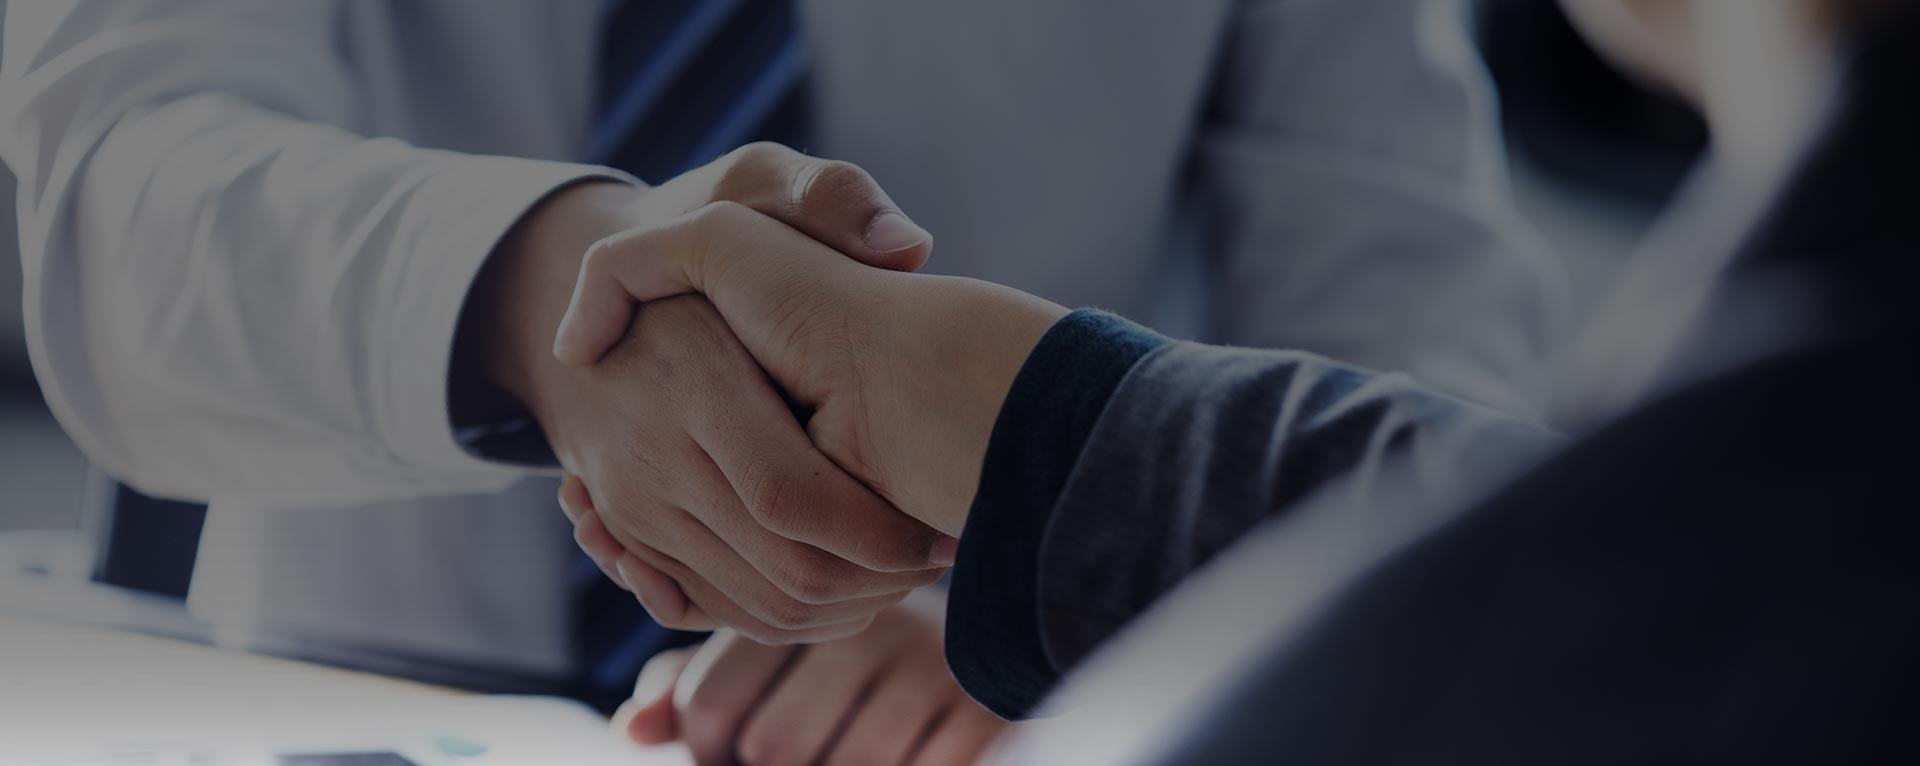 Assurance crédit immobilier : est-il possible de la résilier ?